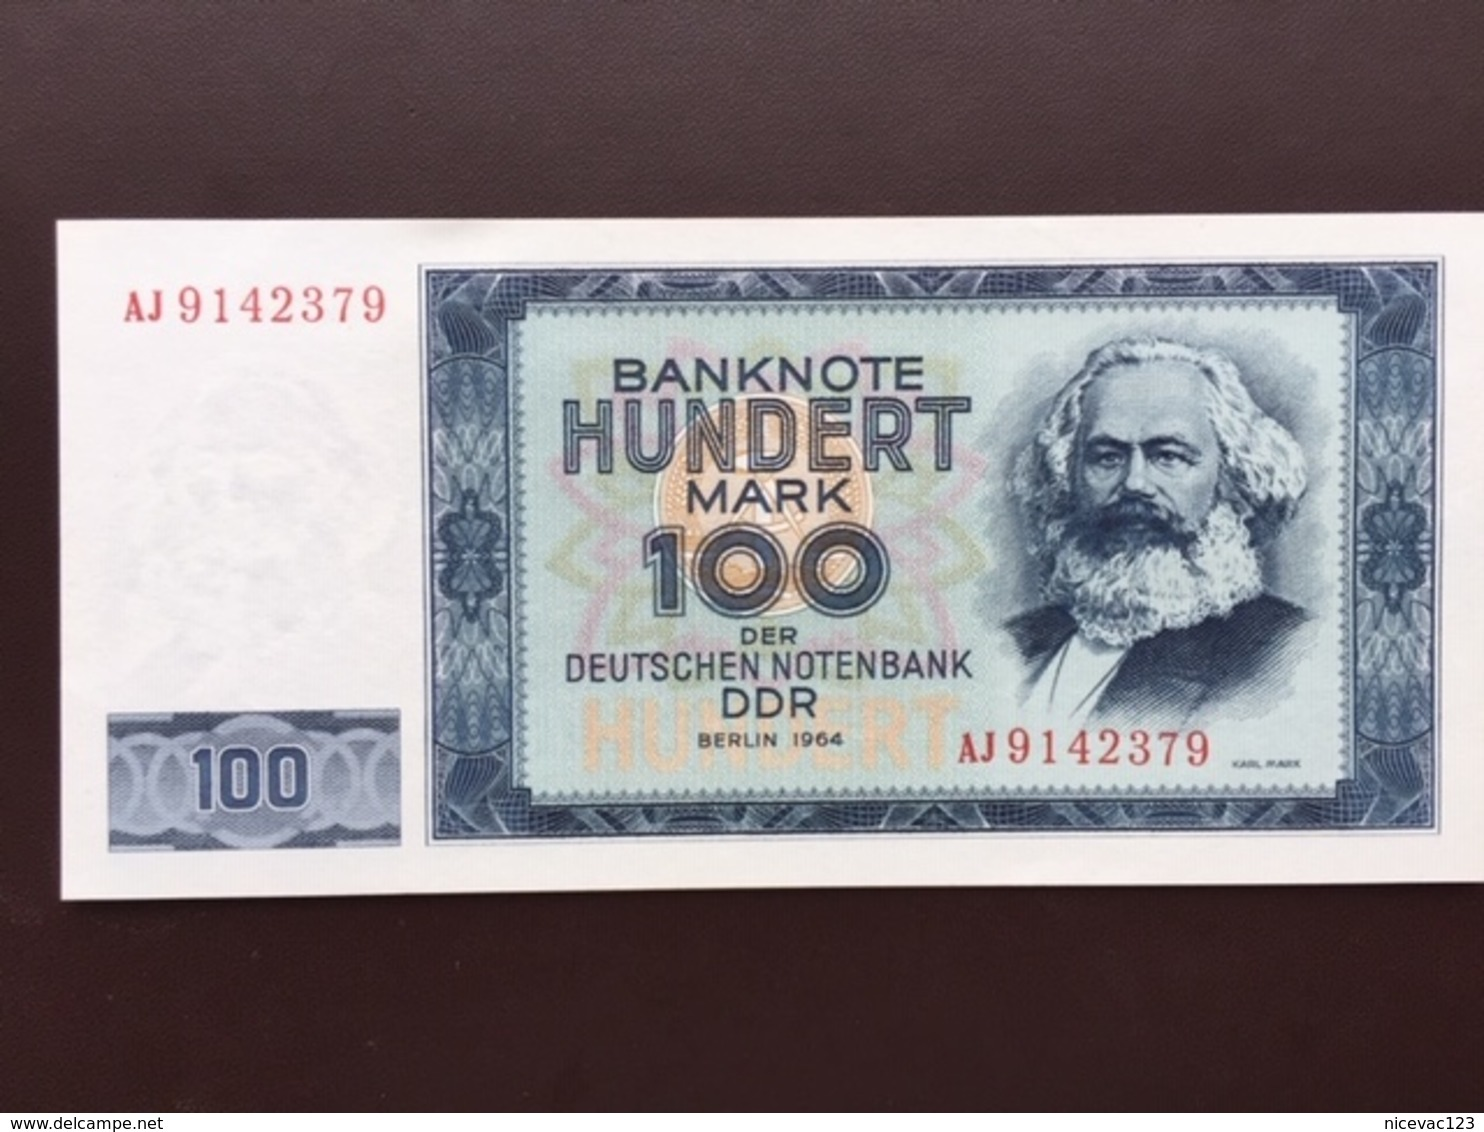 GERMANY DEM REP P26 100 MARK 1964 UNC - 100 Deutsche Mark